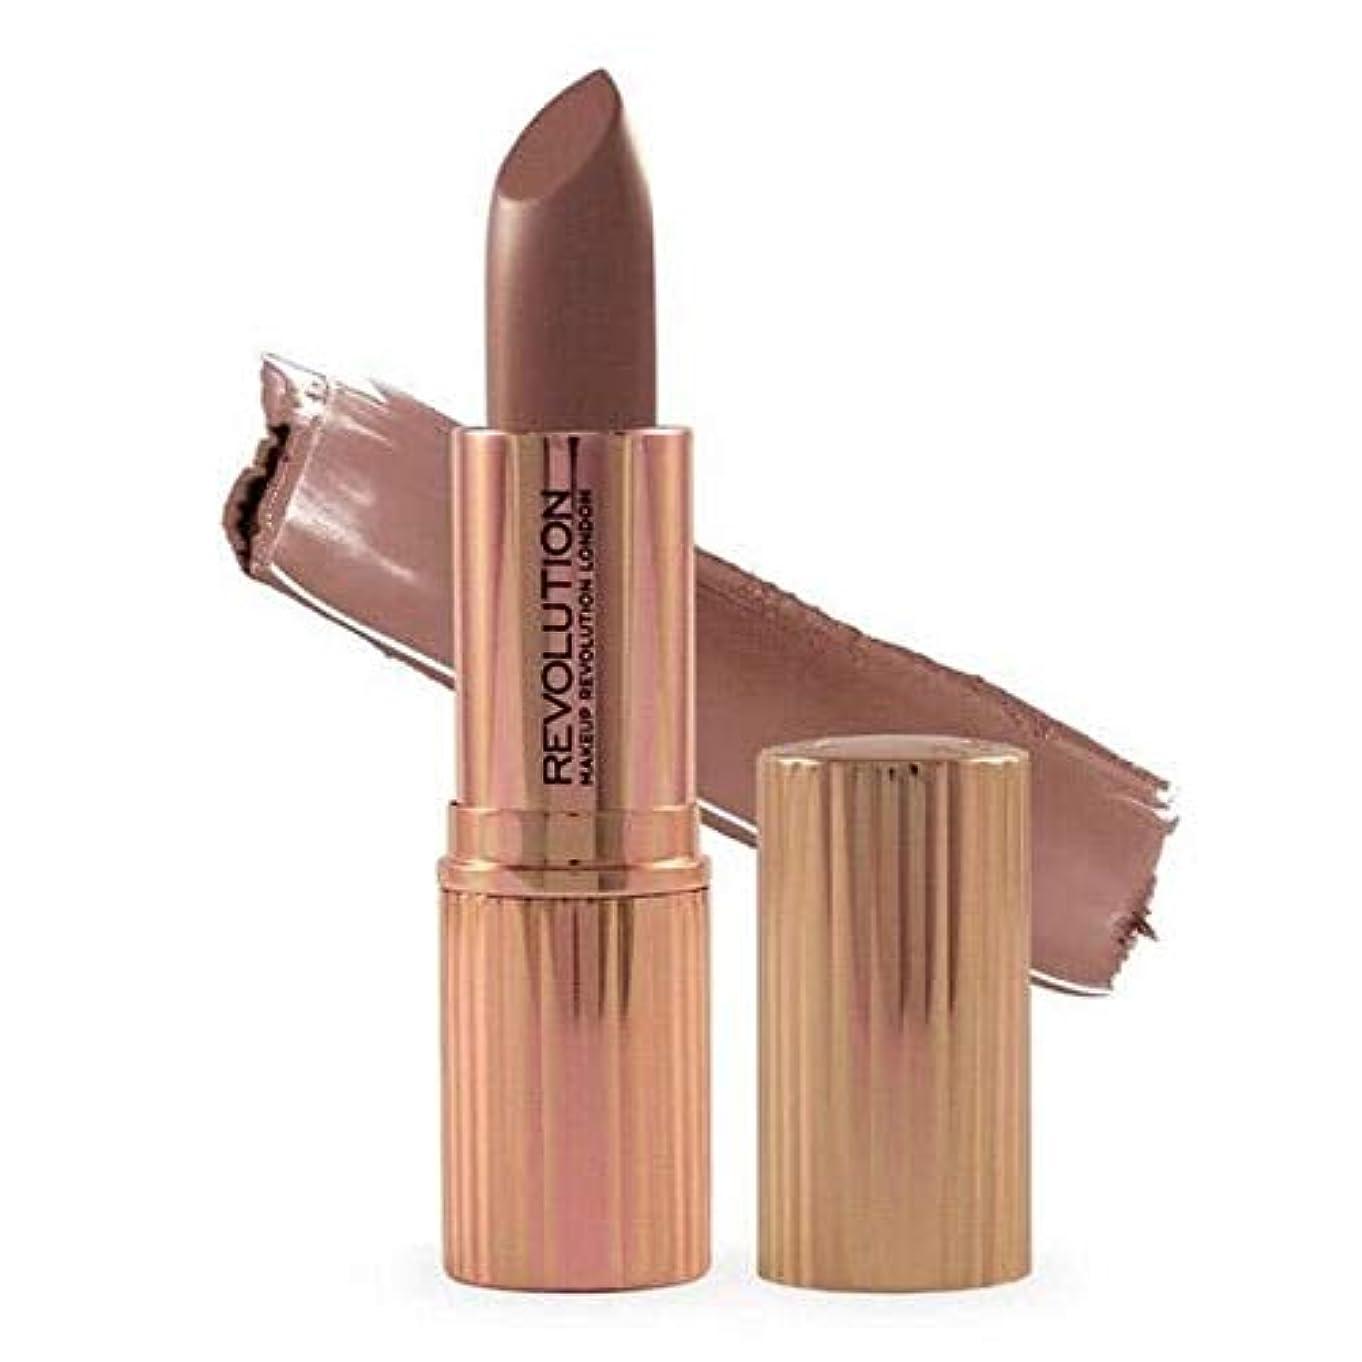 失業者道路入り口[Revolution ] 革命ルネサンス口紅の誓い - Revolution Renaissance Lipstick Vow [並行輸入品]